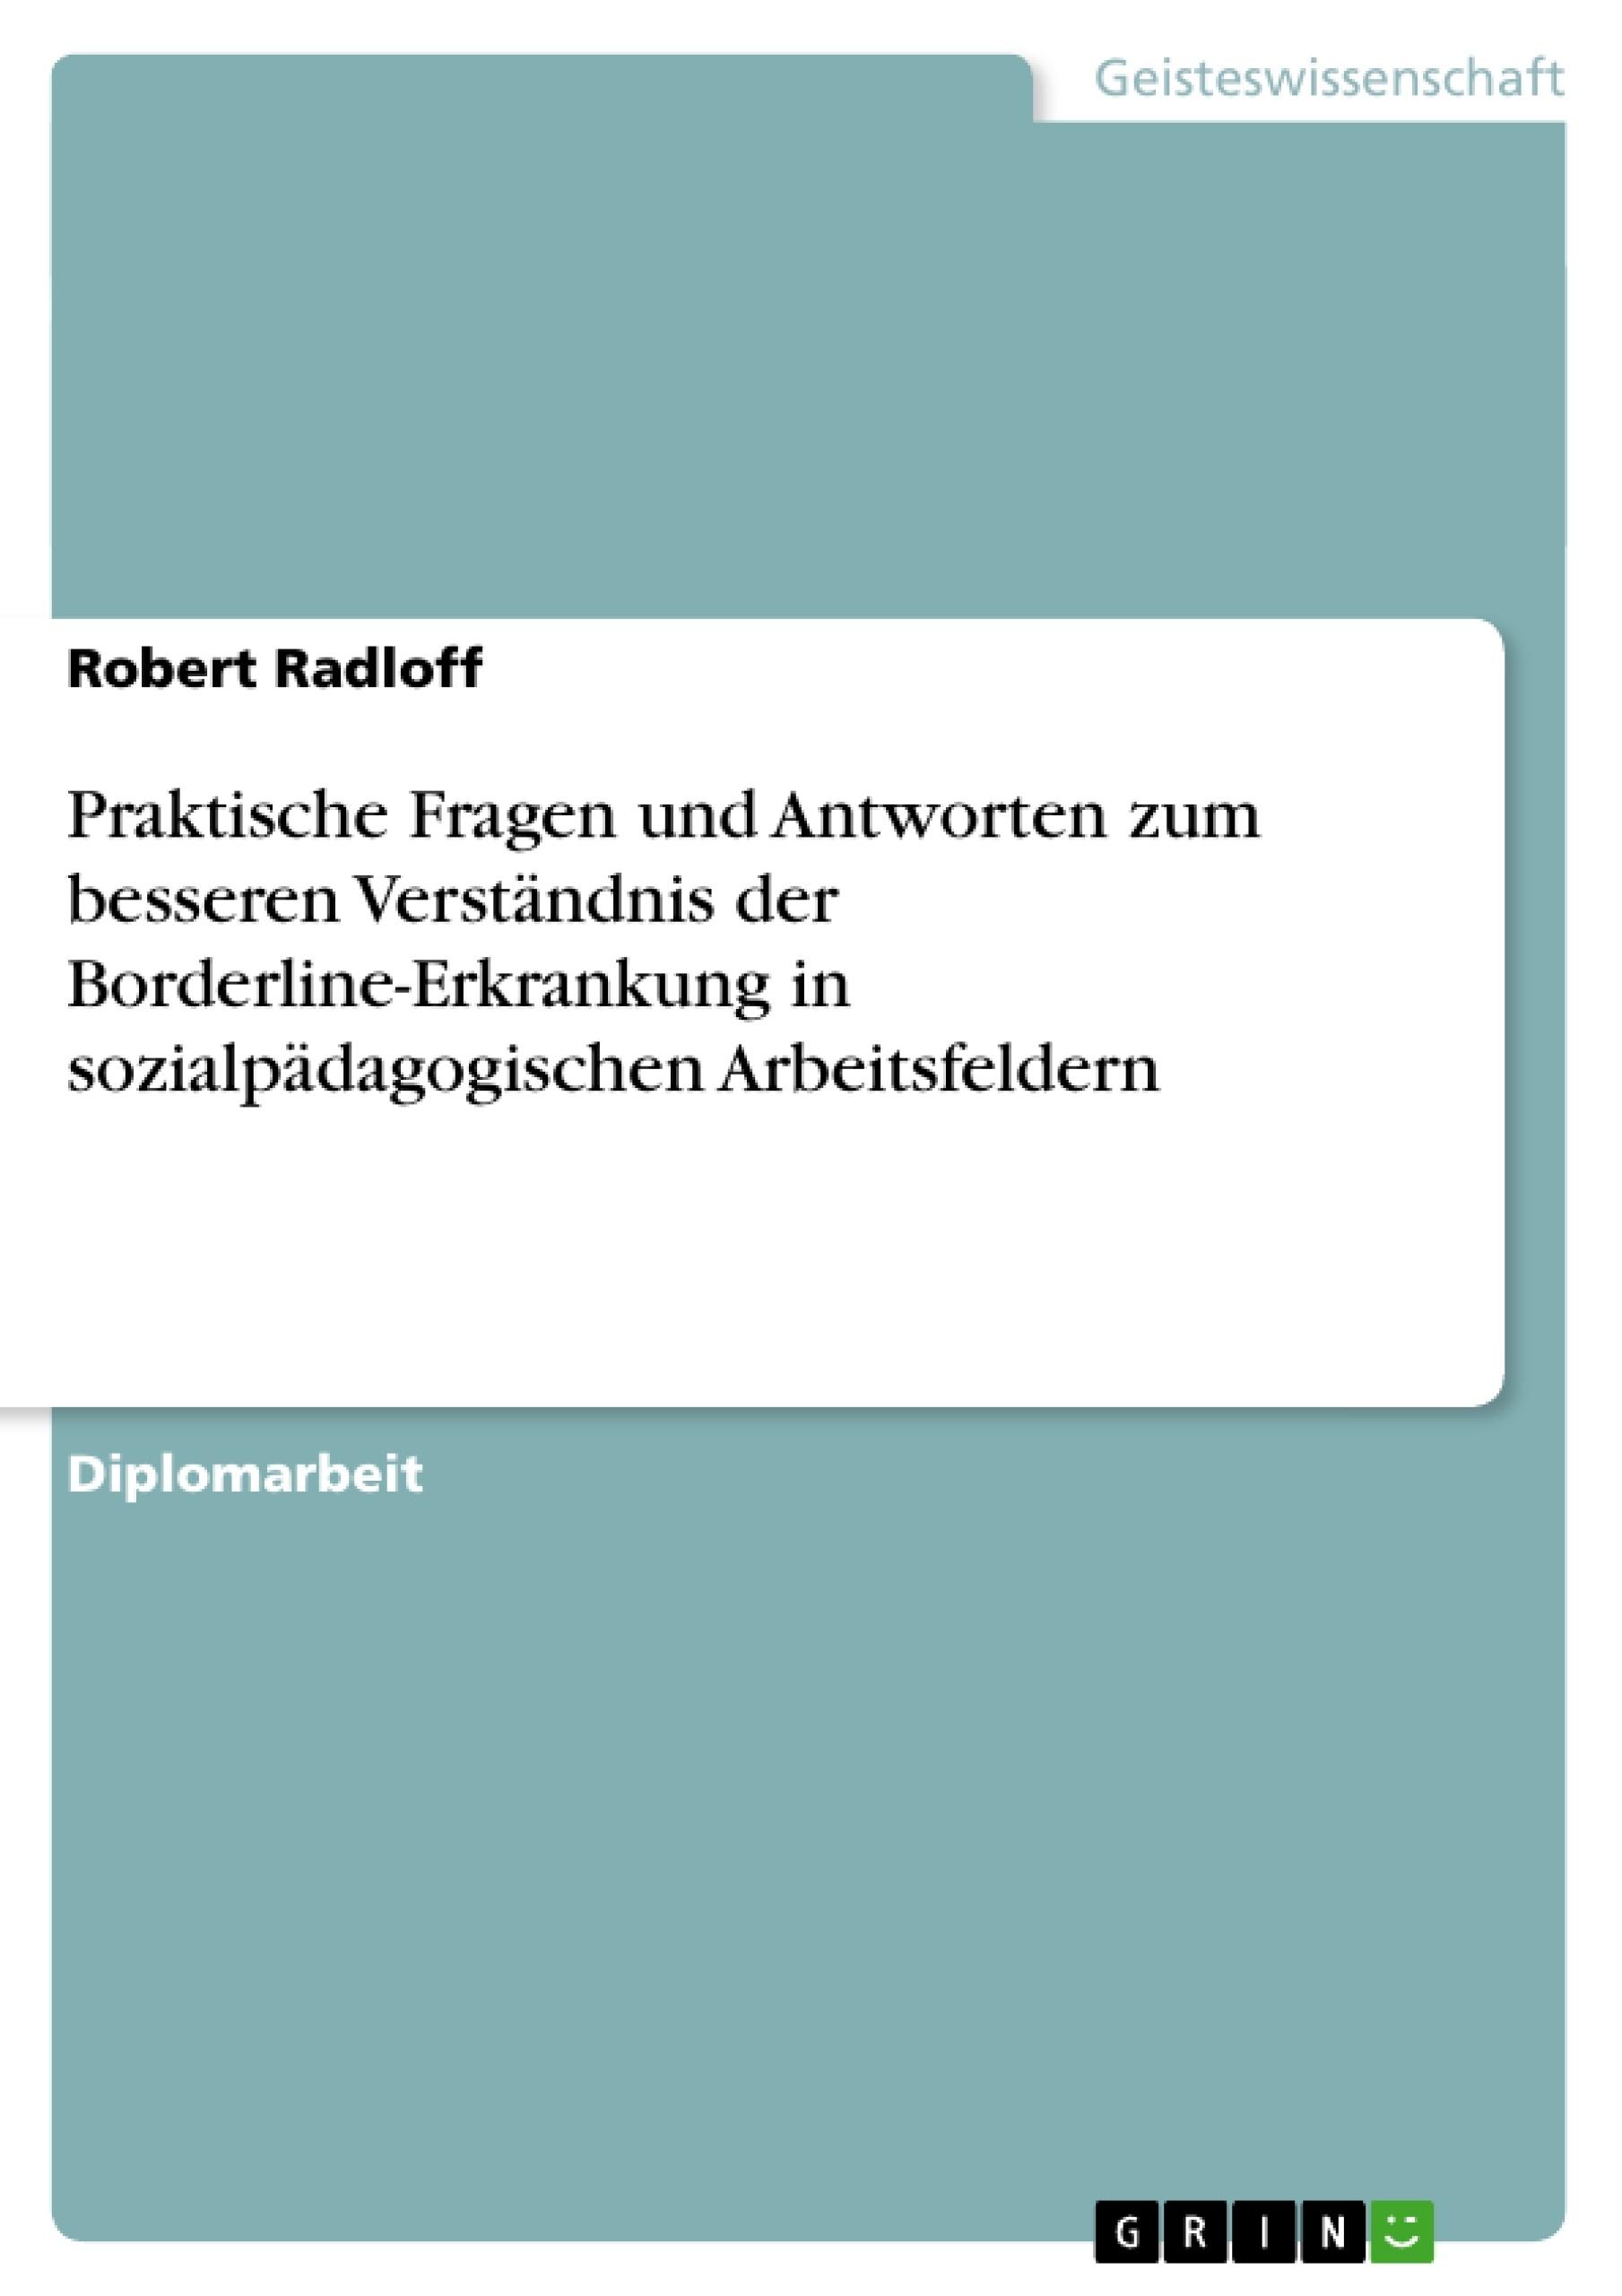 Titel: Praktische Fragen und Antworten zum besseren Verständnis der Borderline-Erkrankung in sozialpädagogischen Arbeitsfeldern